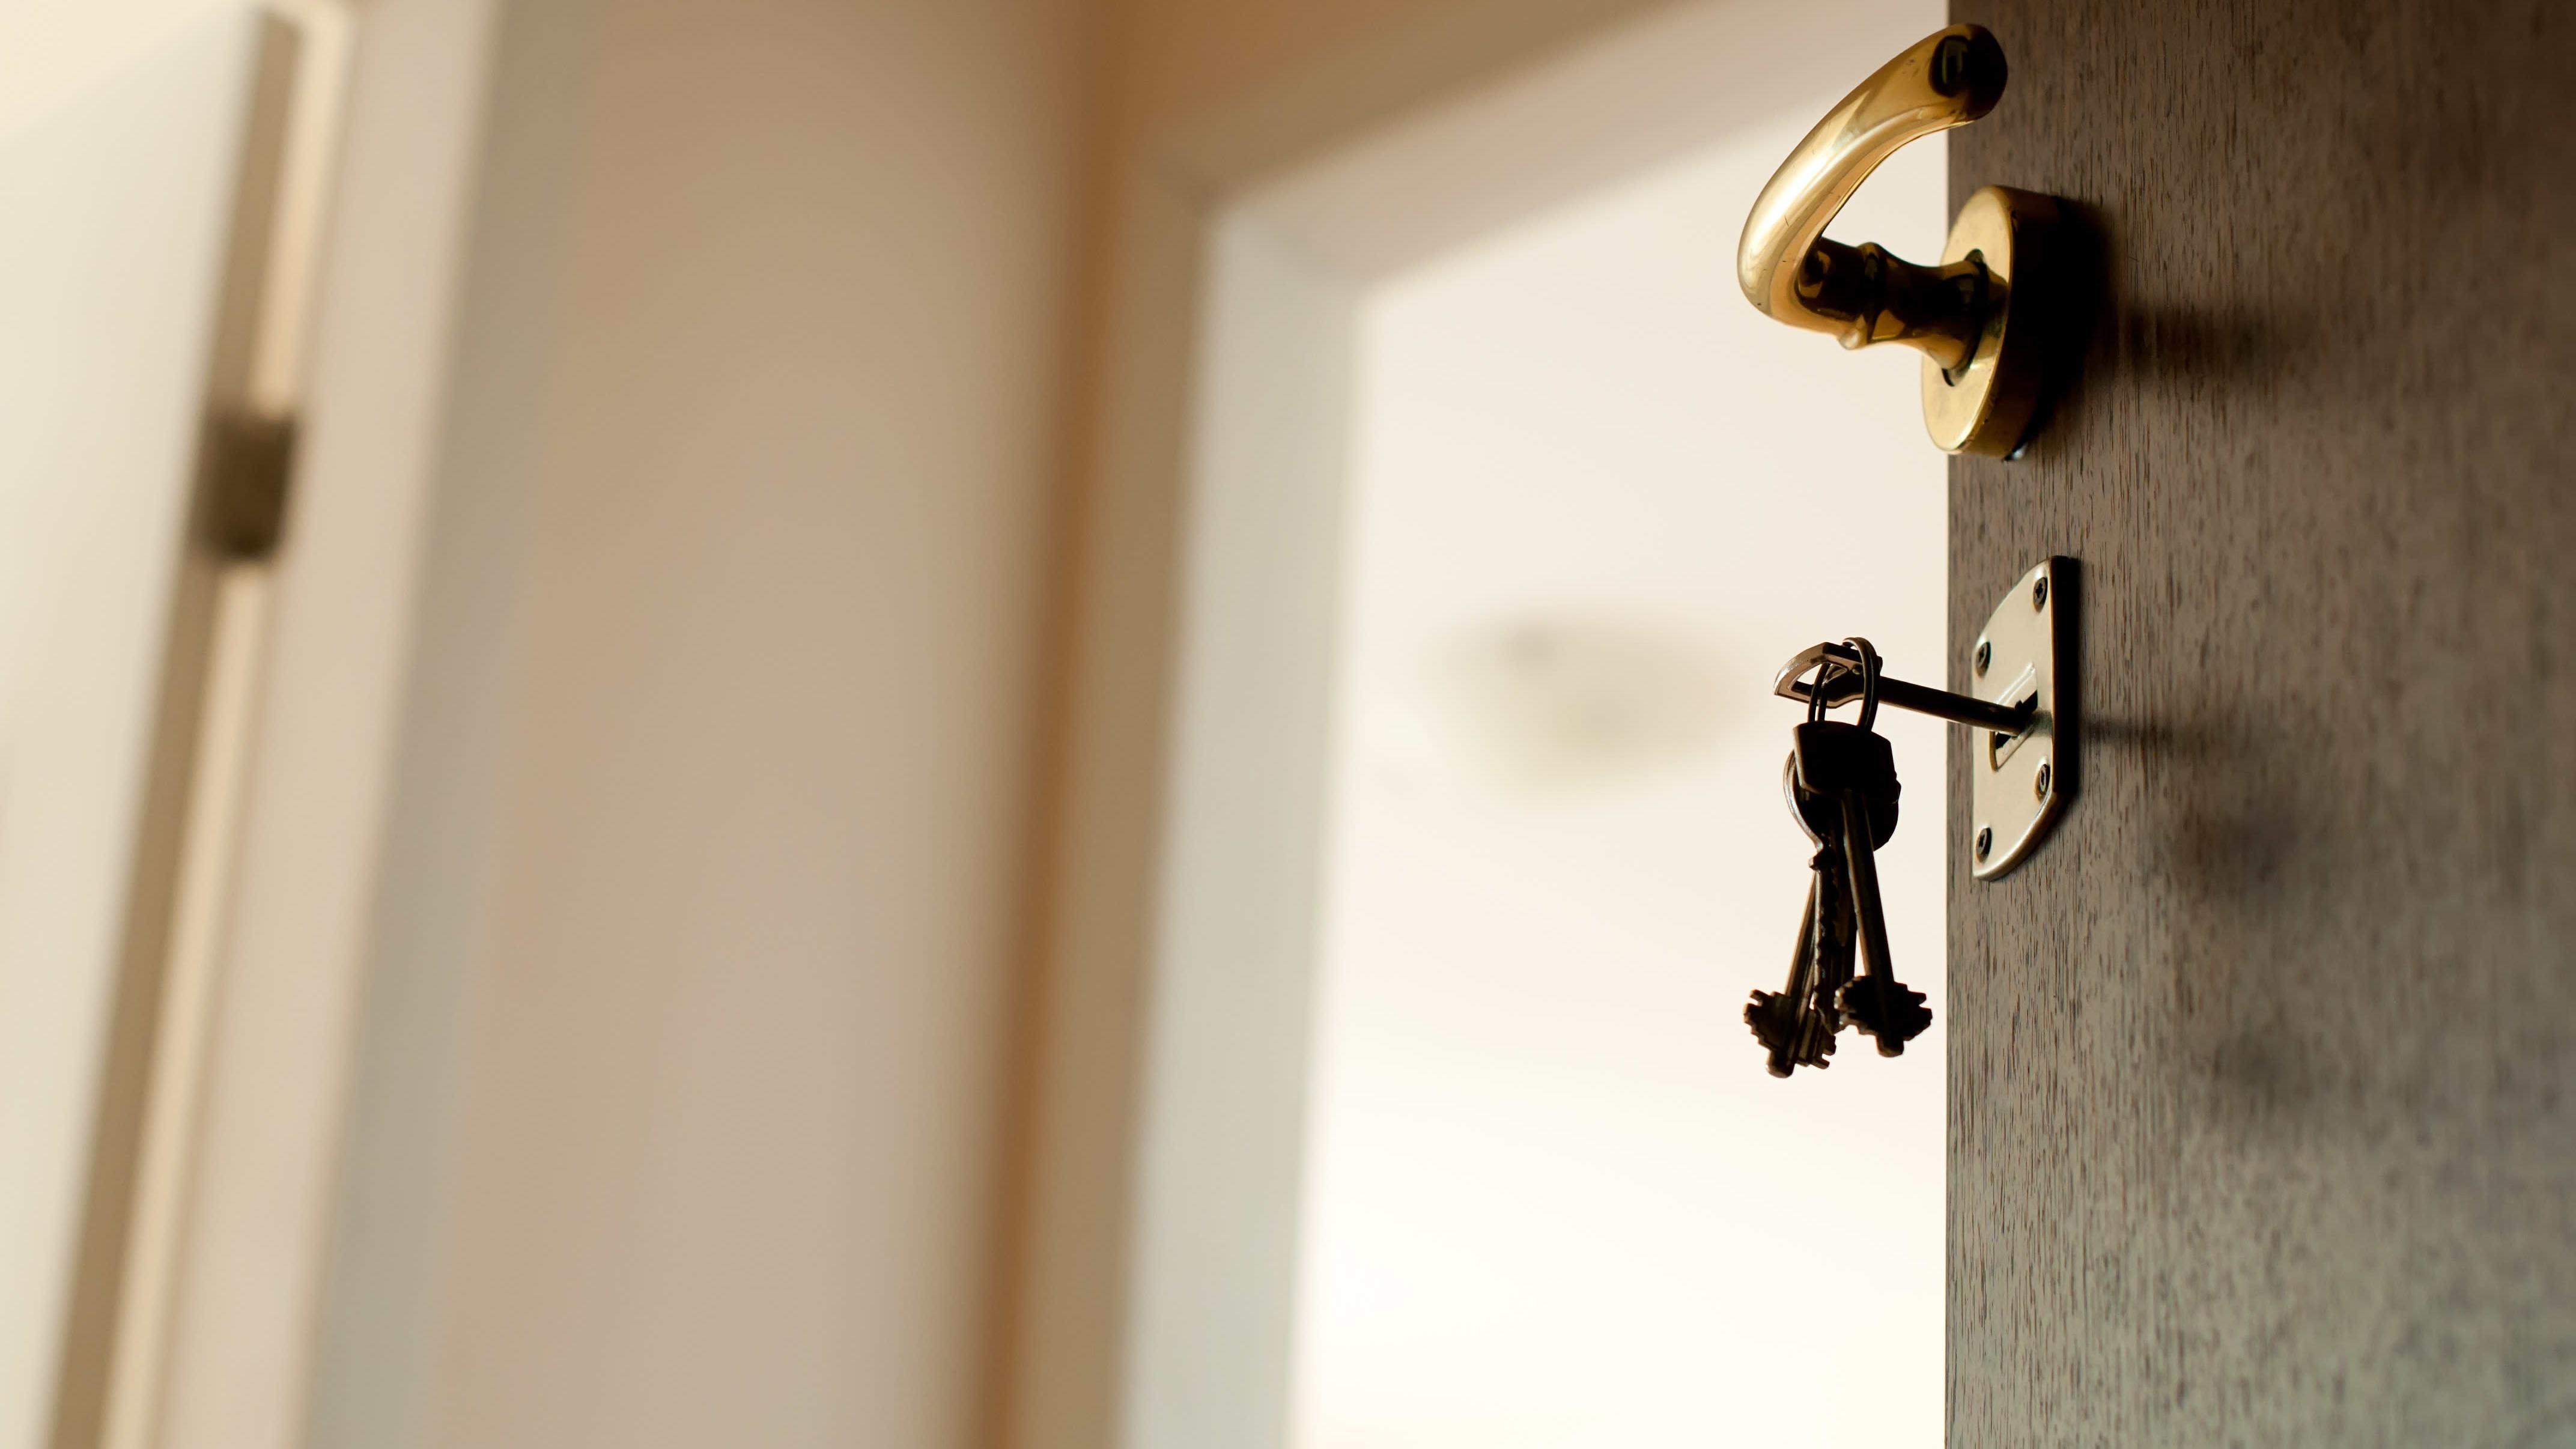 En nyckelknippe hänger i låset på en öppen dörr.